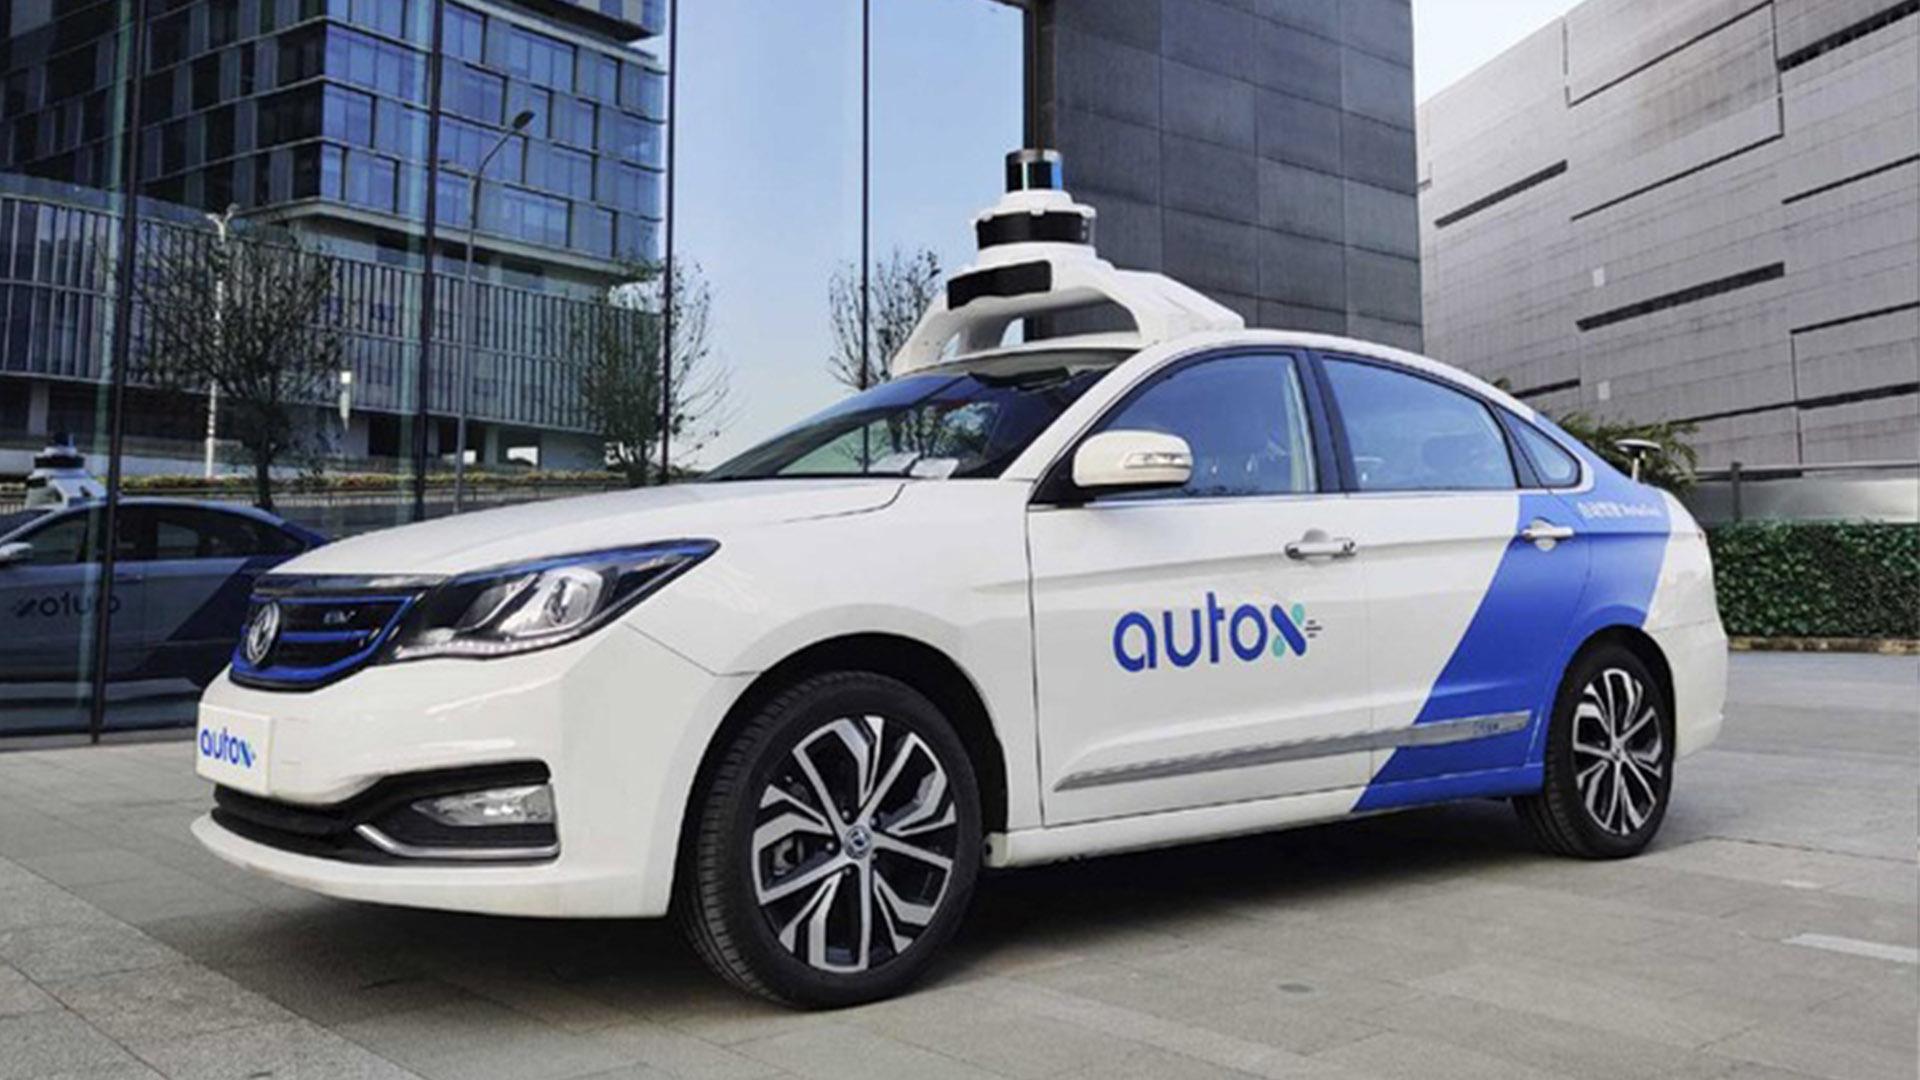 Китай официально запускает автономное такси без водителя